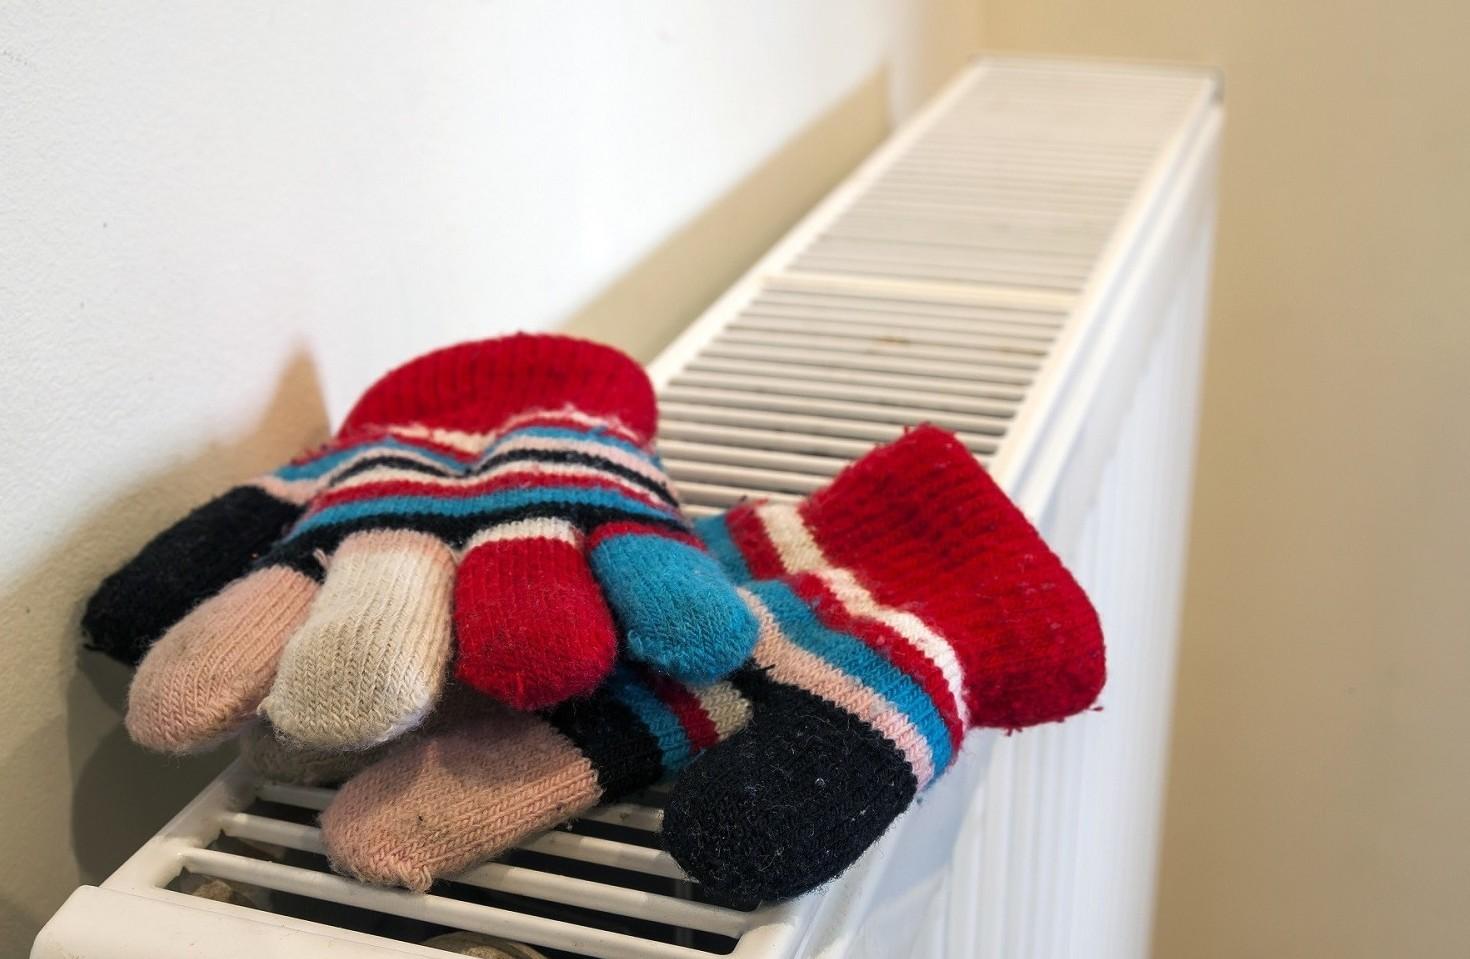 Distacco riscaldamento centralizzato, ma si continuano a pagare alcune spese riscaldamento condominio